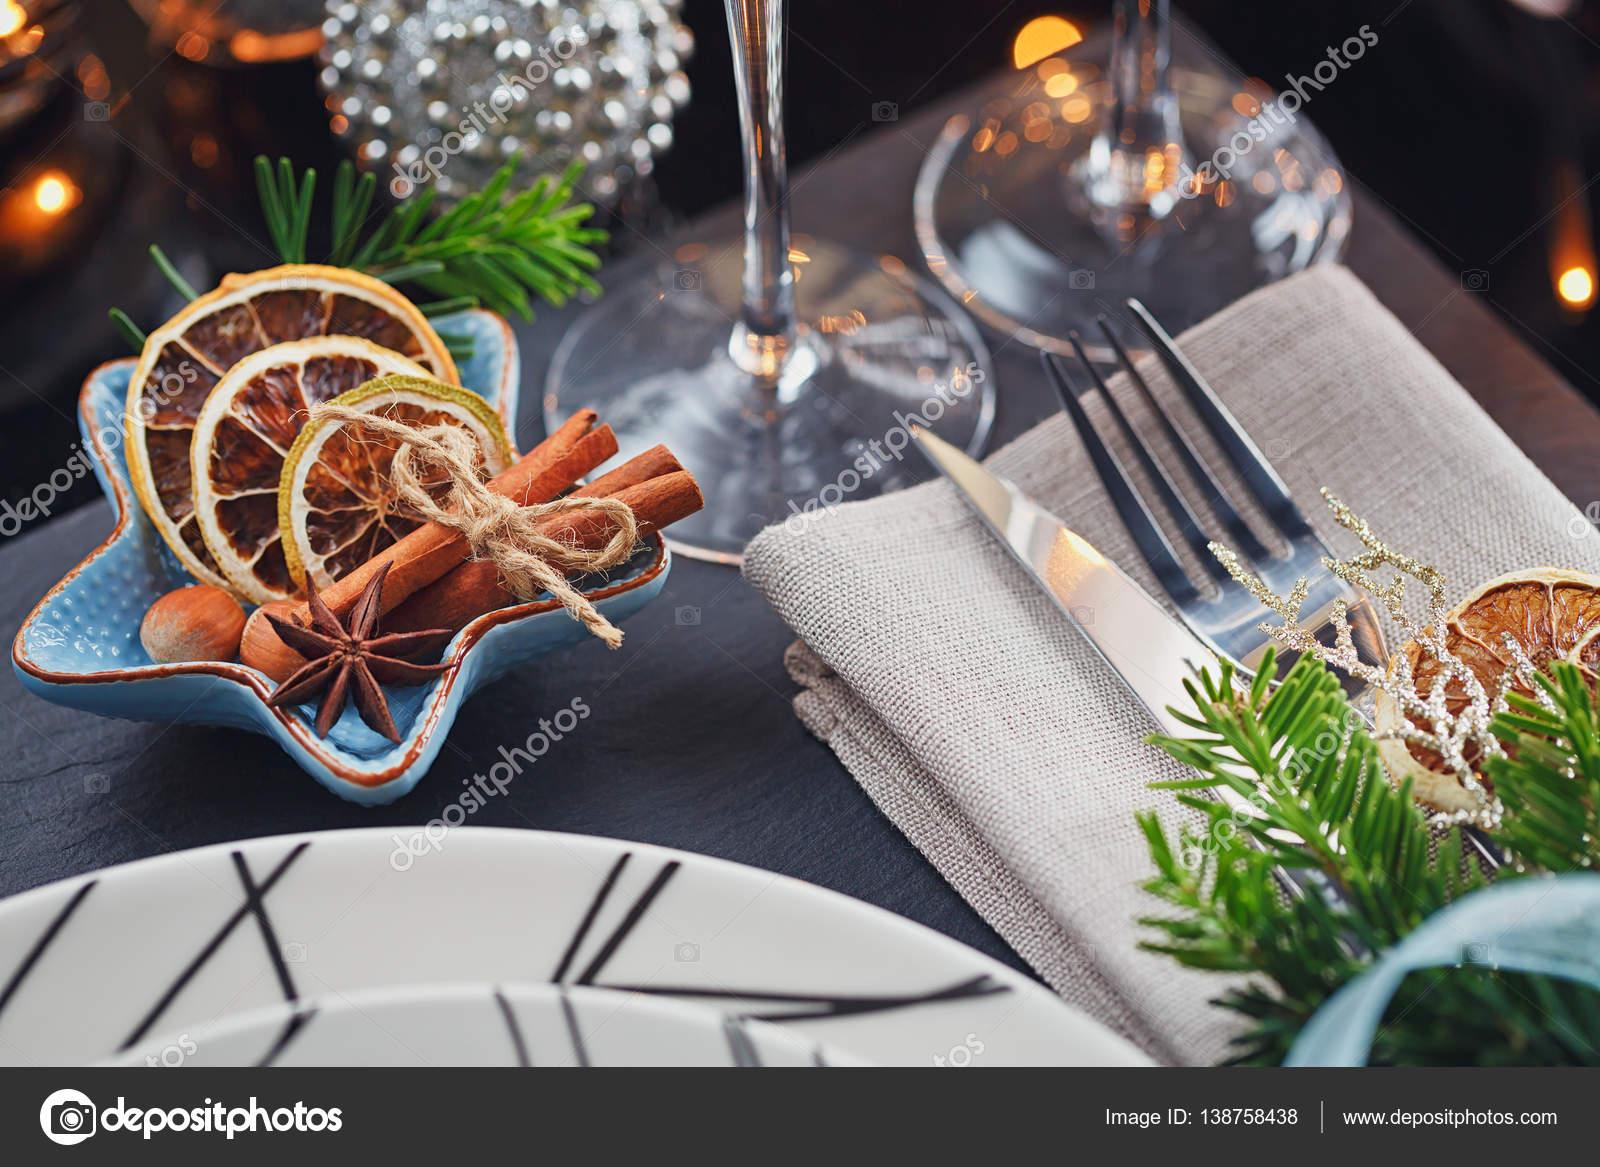 Winter Tischdekoration Mit Weihnachtsdekoration Stockfoto C Svitt